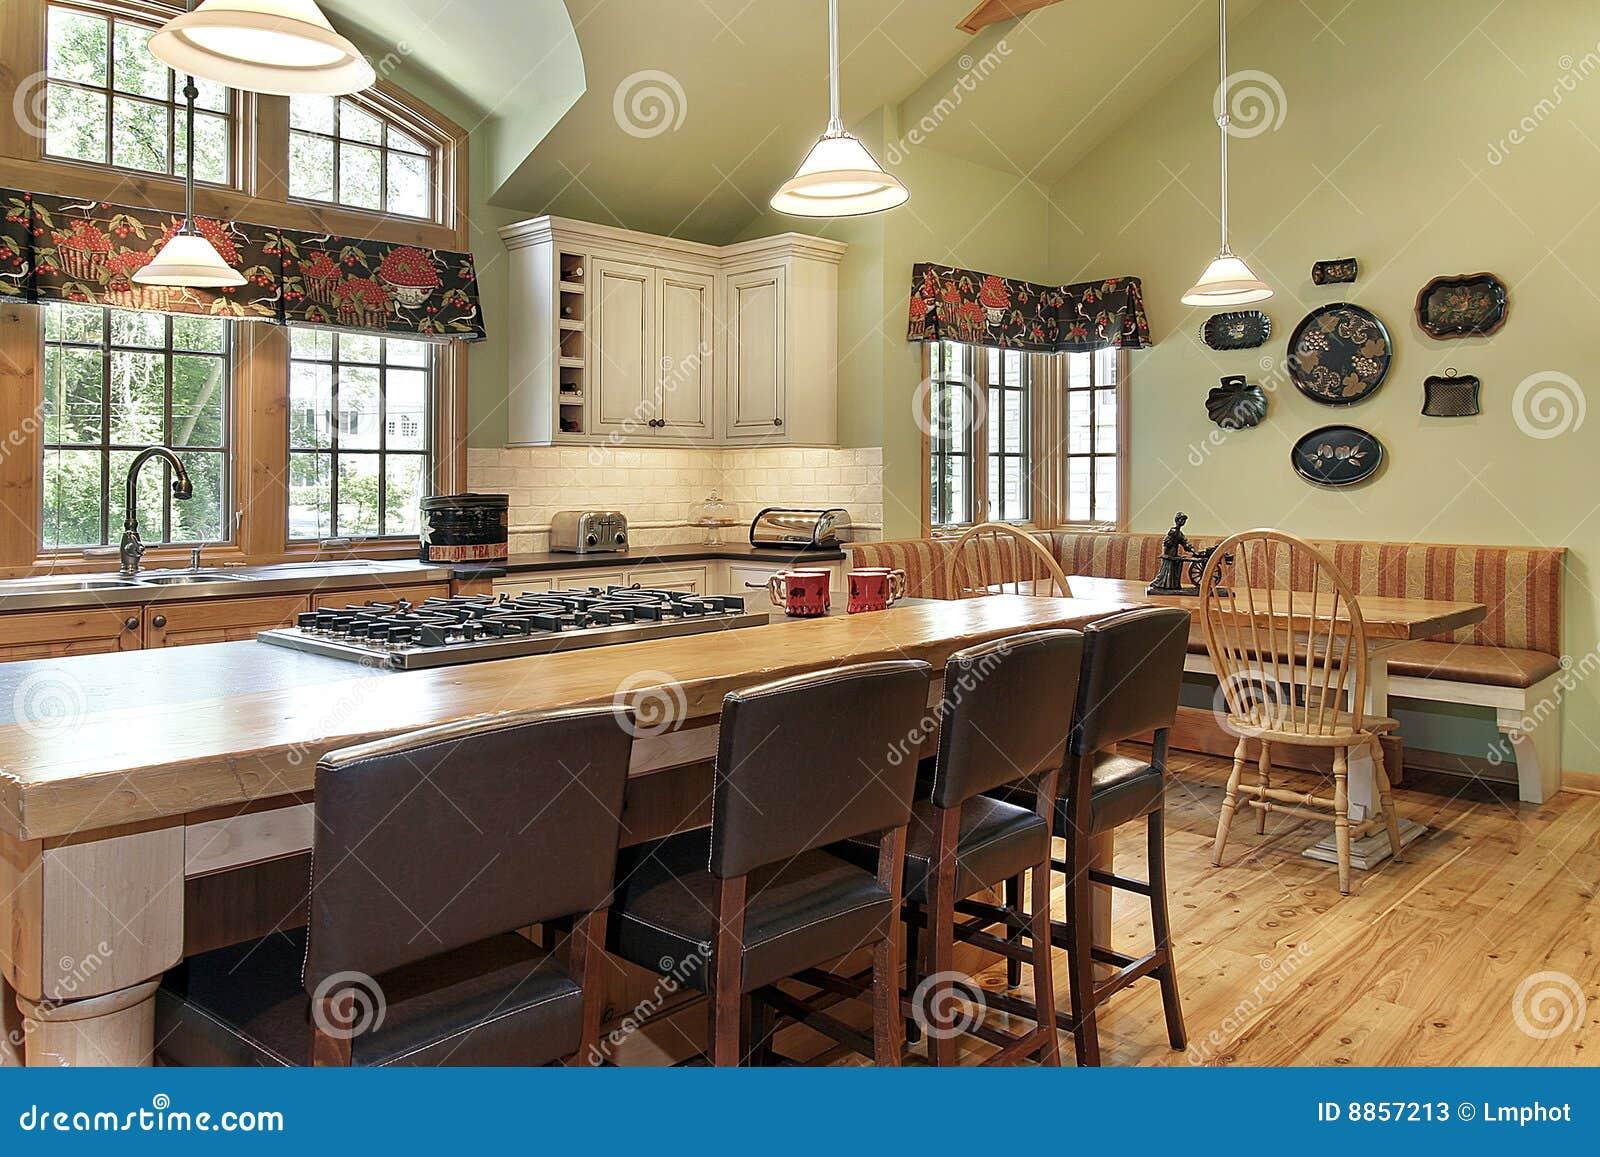 Cucina moderna immagine stock immagine di arredamento for Arredamento stock